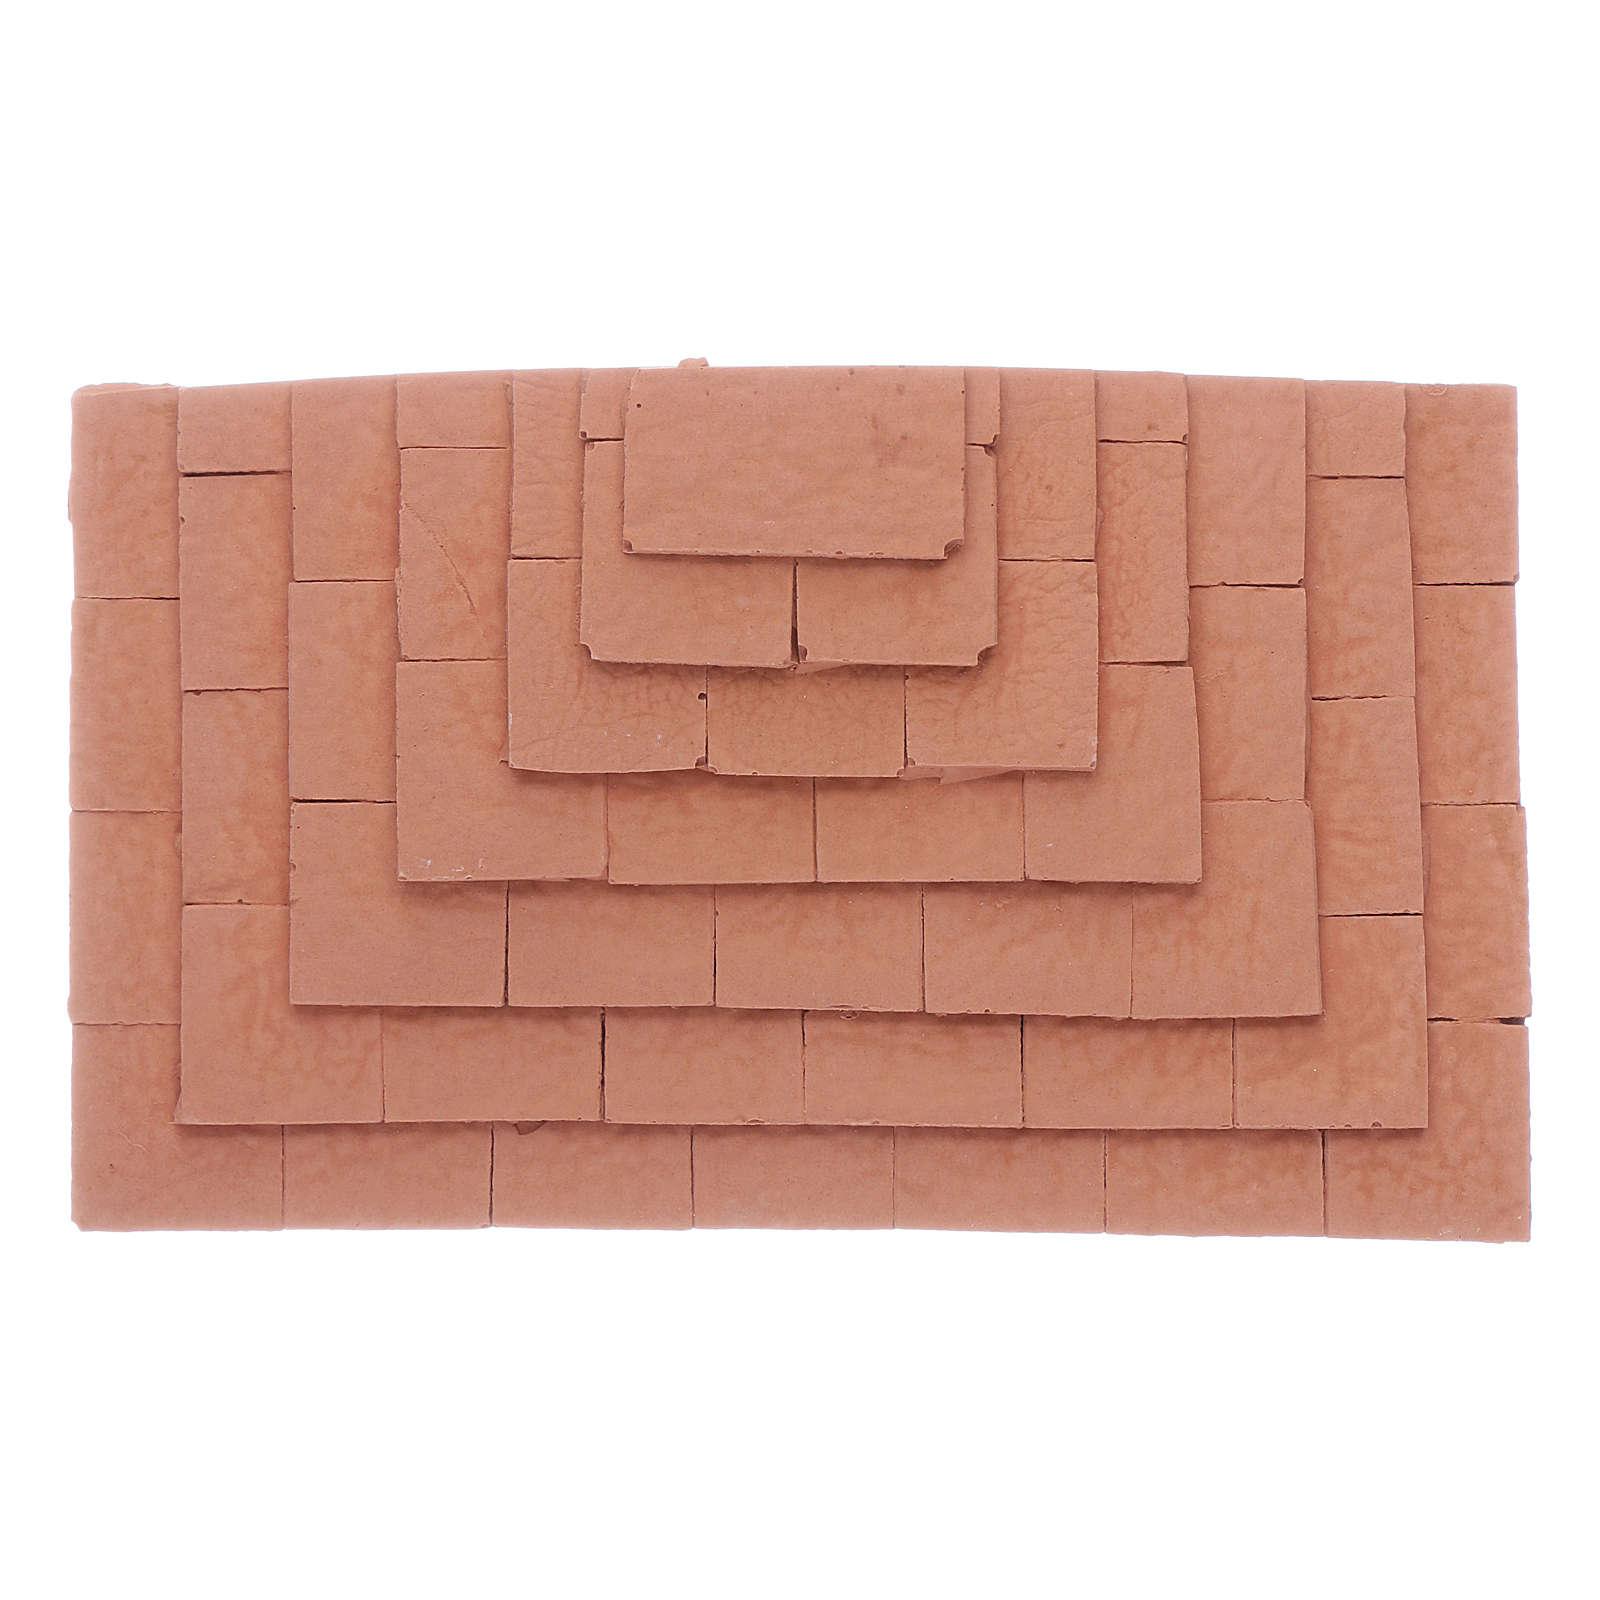 Escalier sur trois côtés en terre cuite 1,5x10x5 cm 4